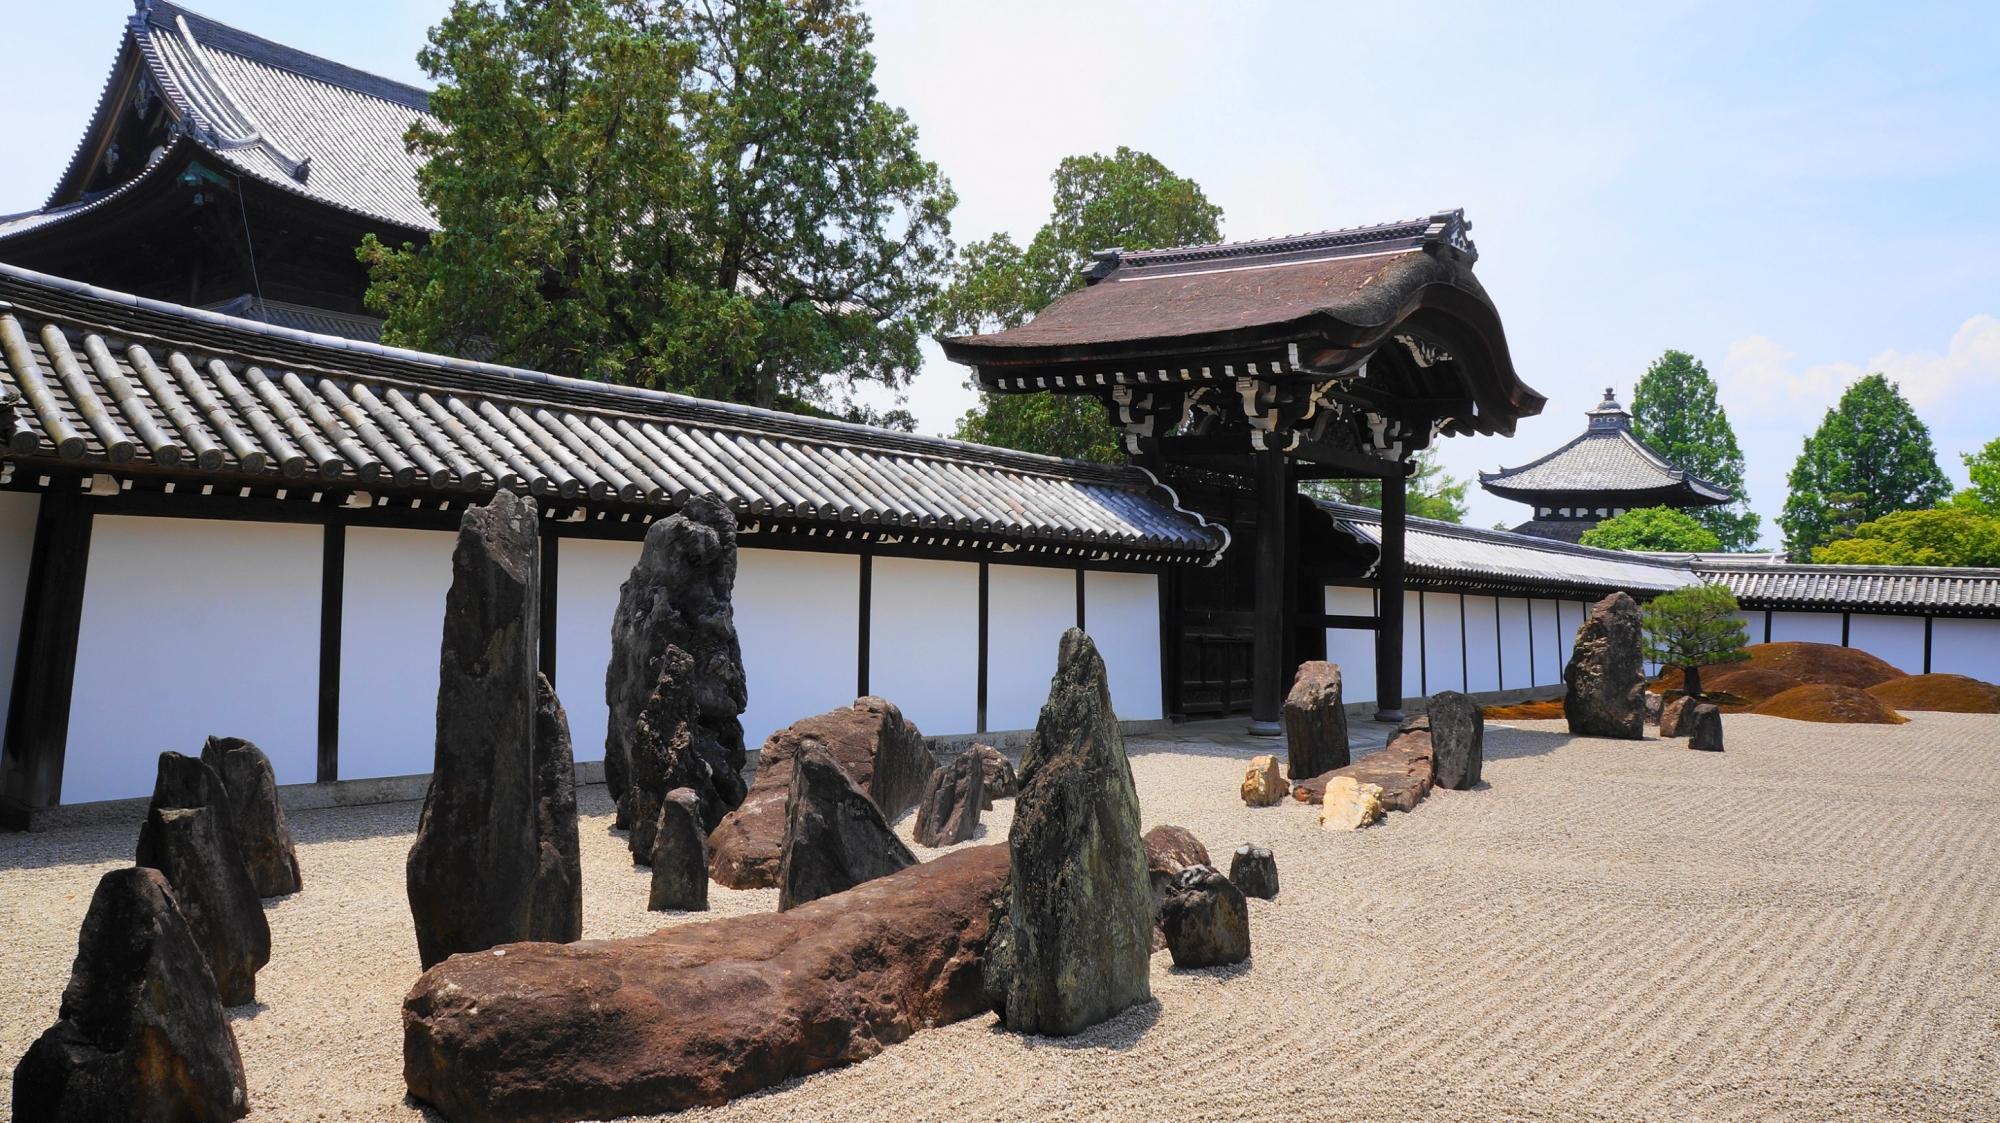 力強い岩がたくさん配された東福寺の方丈庭園の南庭